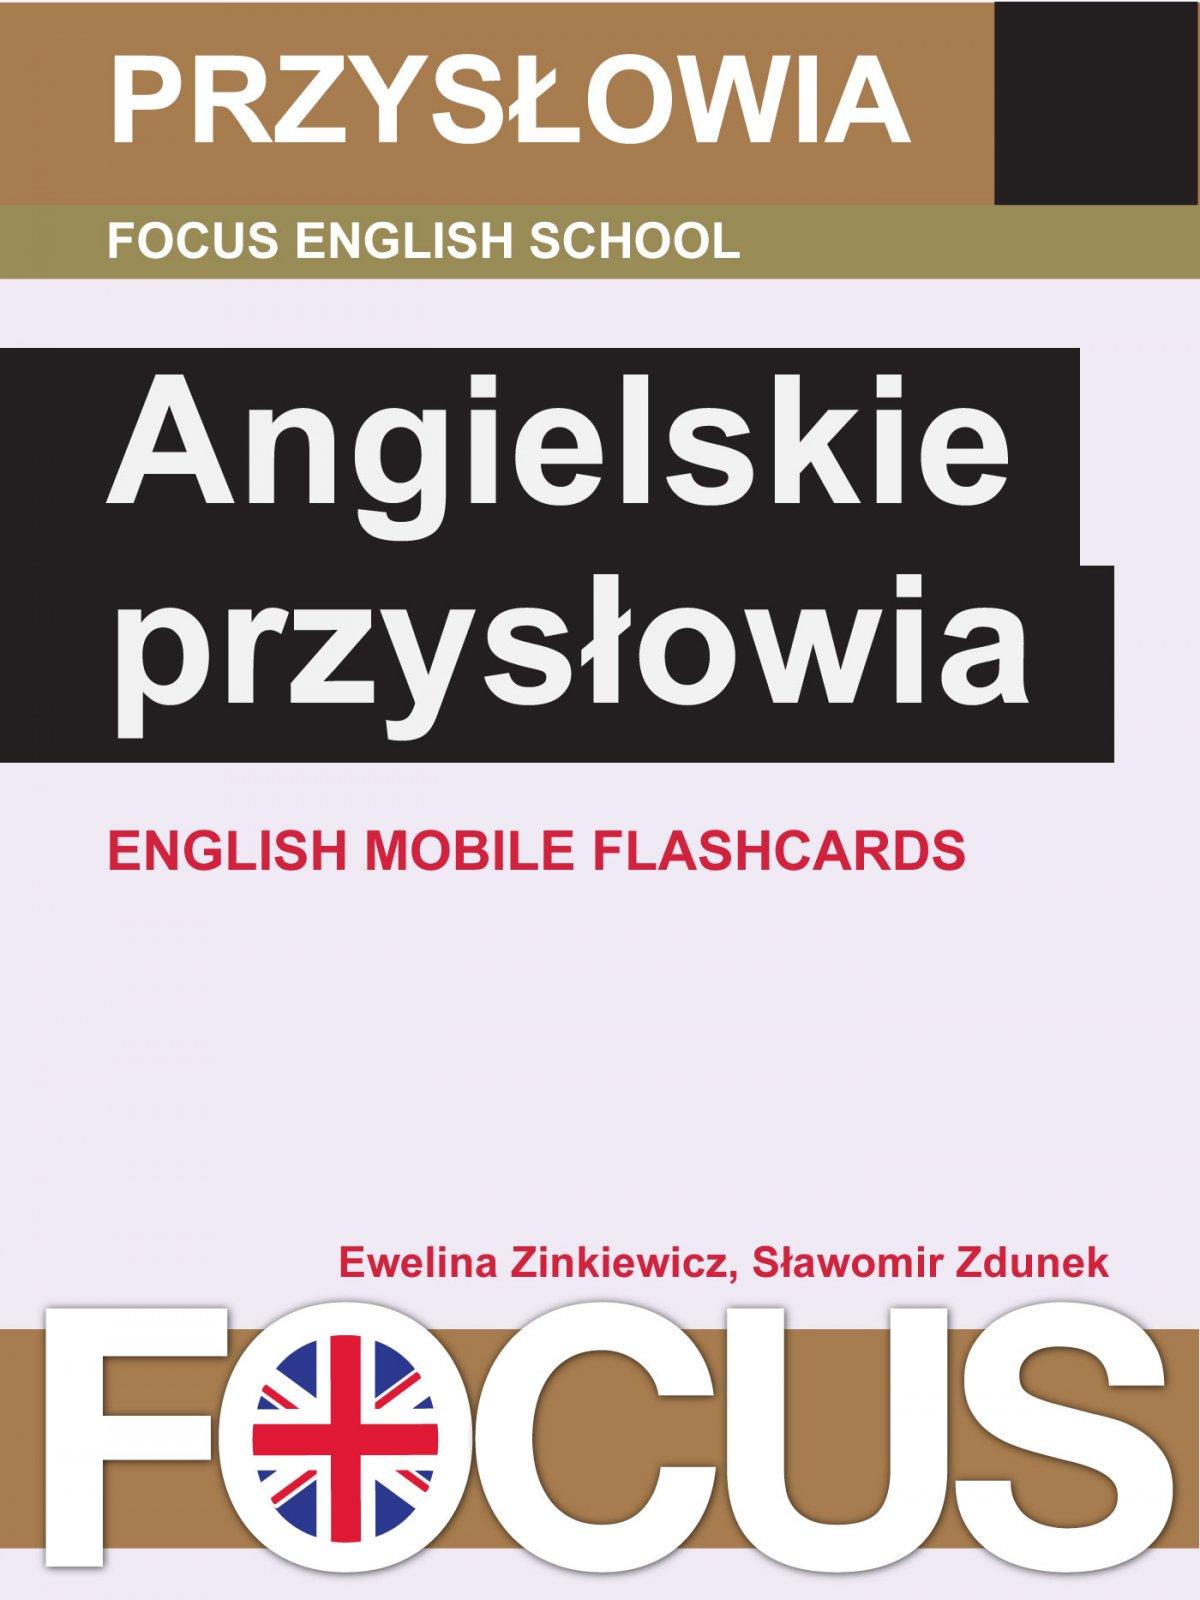 Angielskie przysłowia - Ebook (Książka EPUB) do pobrania w formacie EPUB